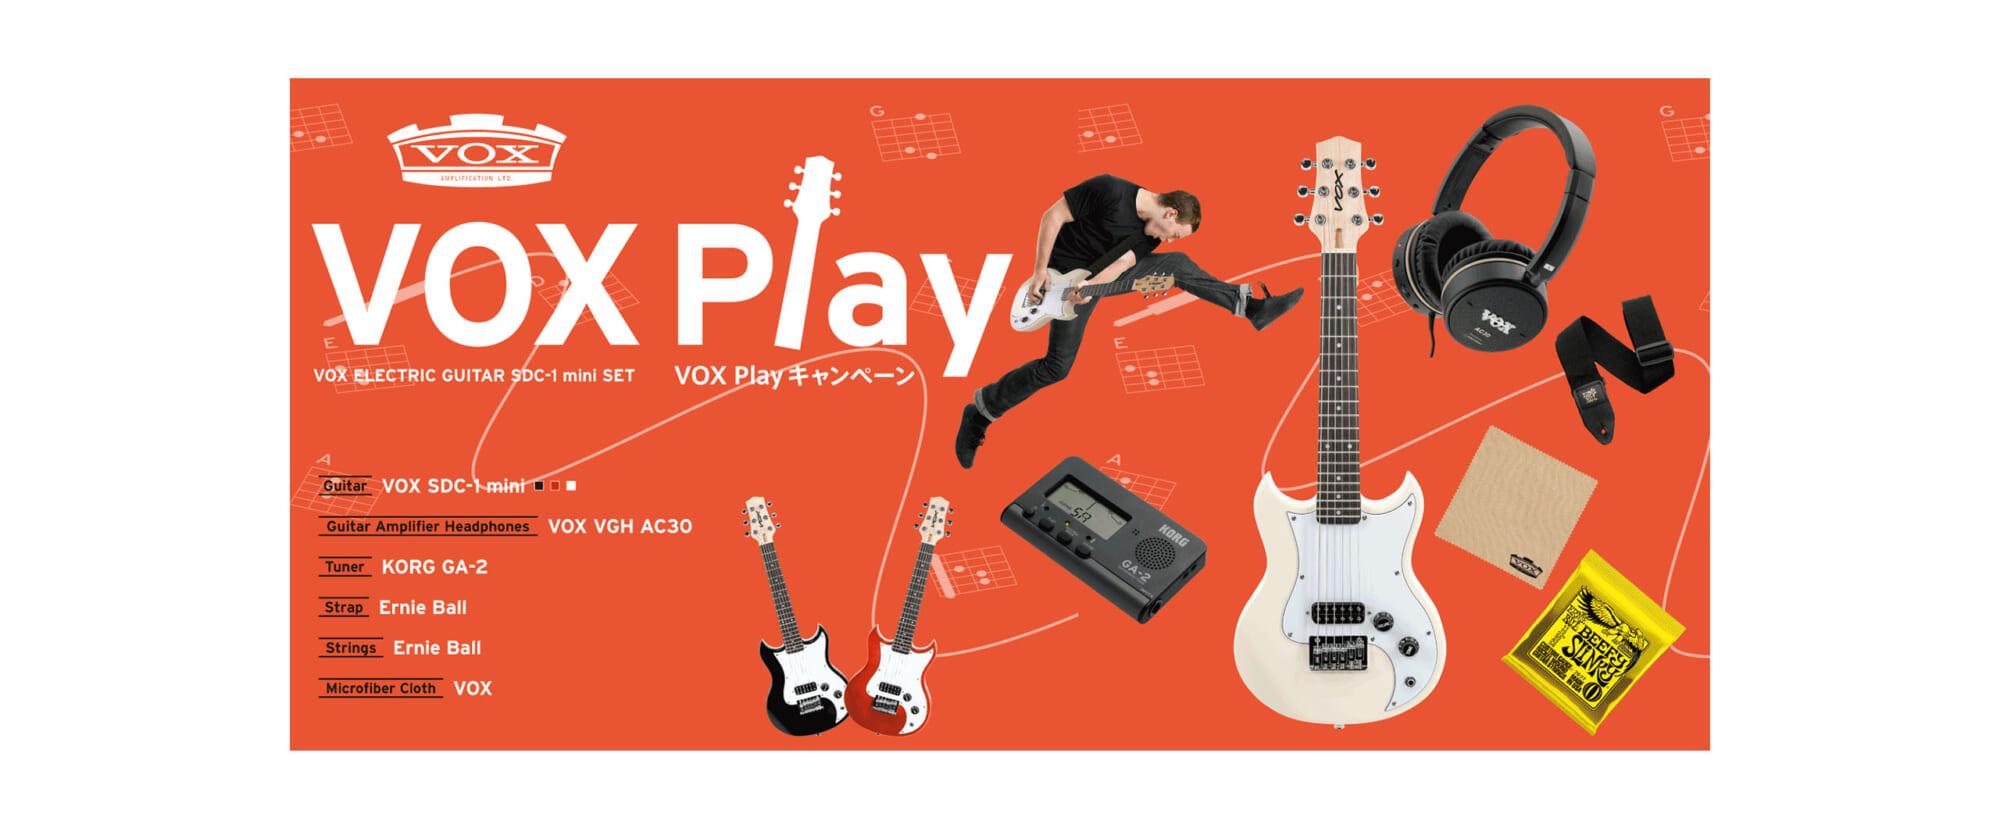 """コルグの""""VOX Playキャンペーン""""ミニ・ギターを中心とした6点セットを販売"""